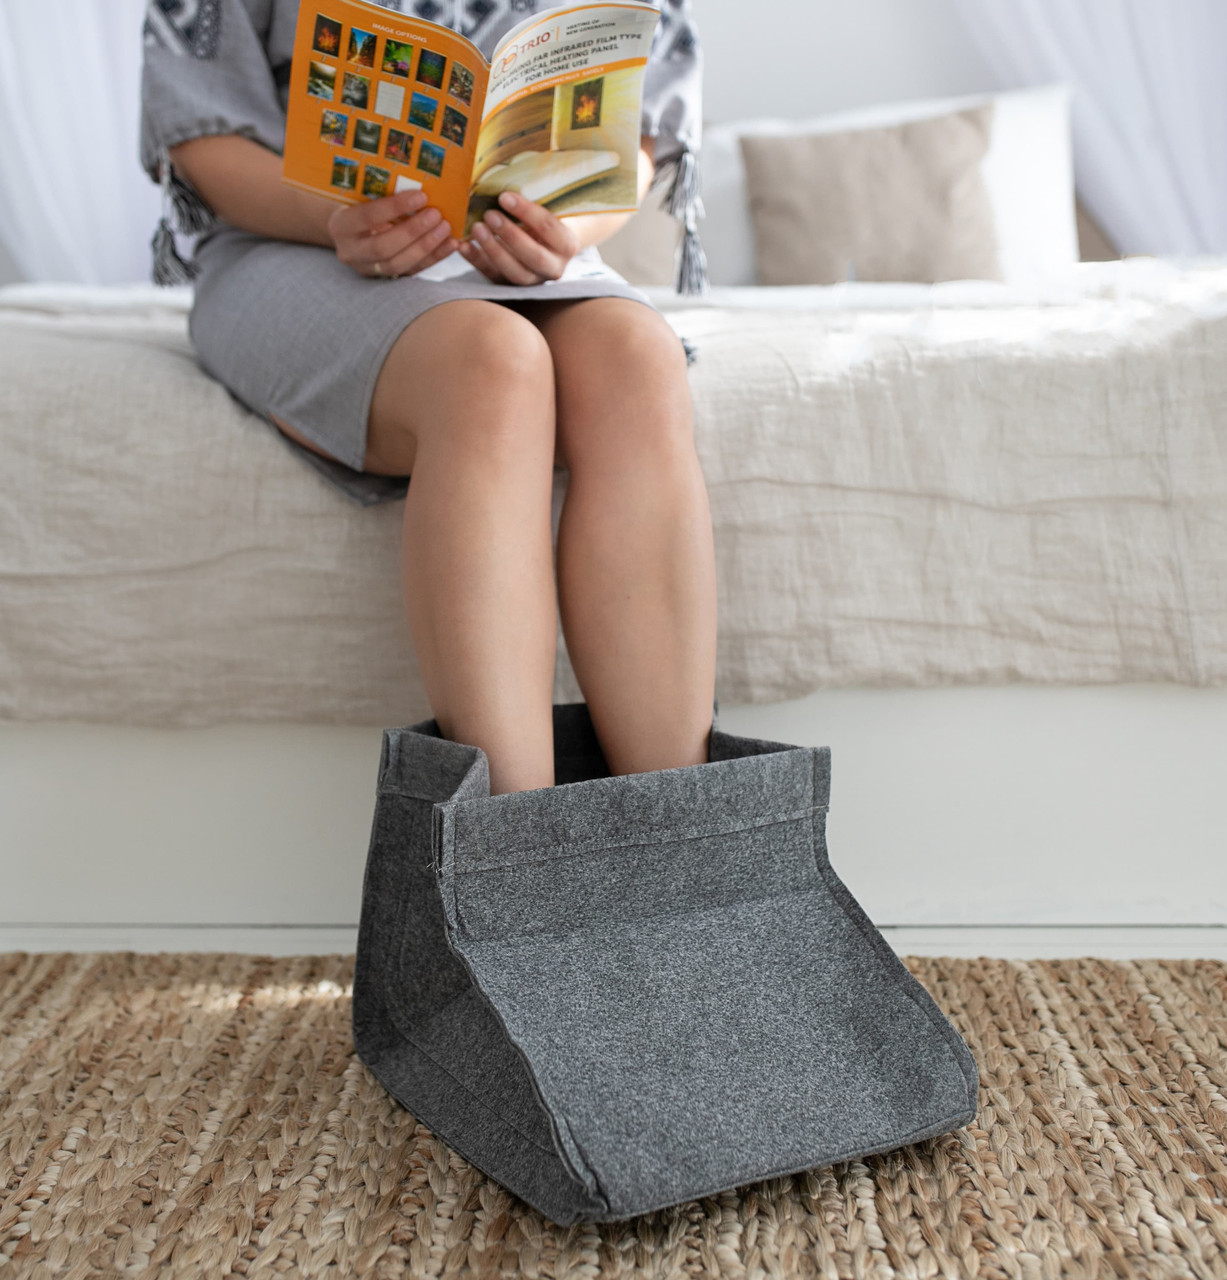 Электрическая грелка для ног Сапожок, Серый, Трио 02201, грелка для ног электрическая | грілка для ніг (ST)